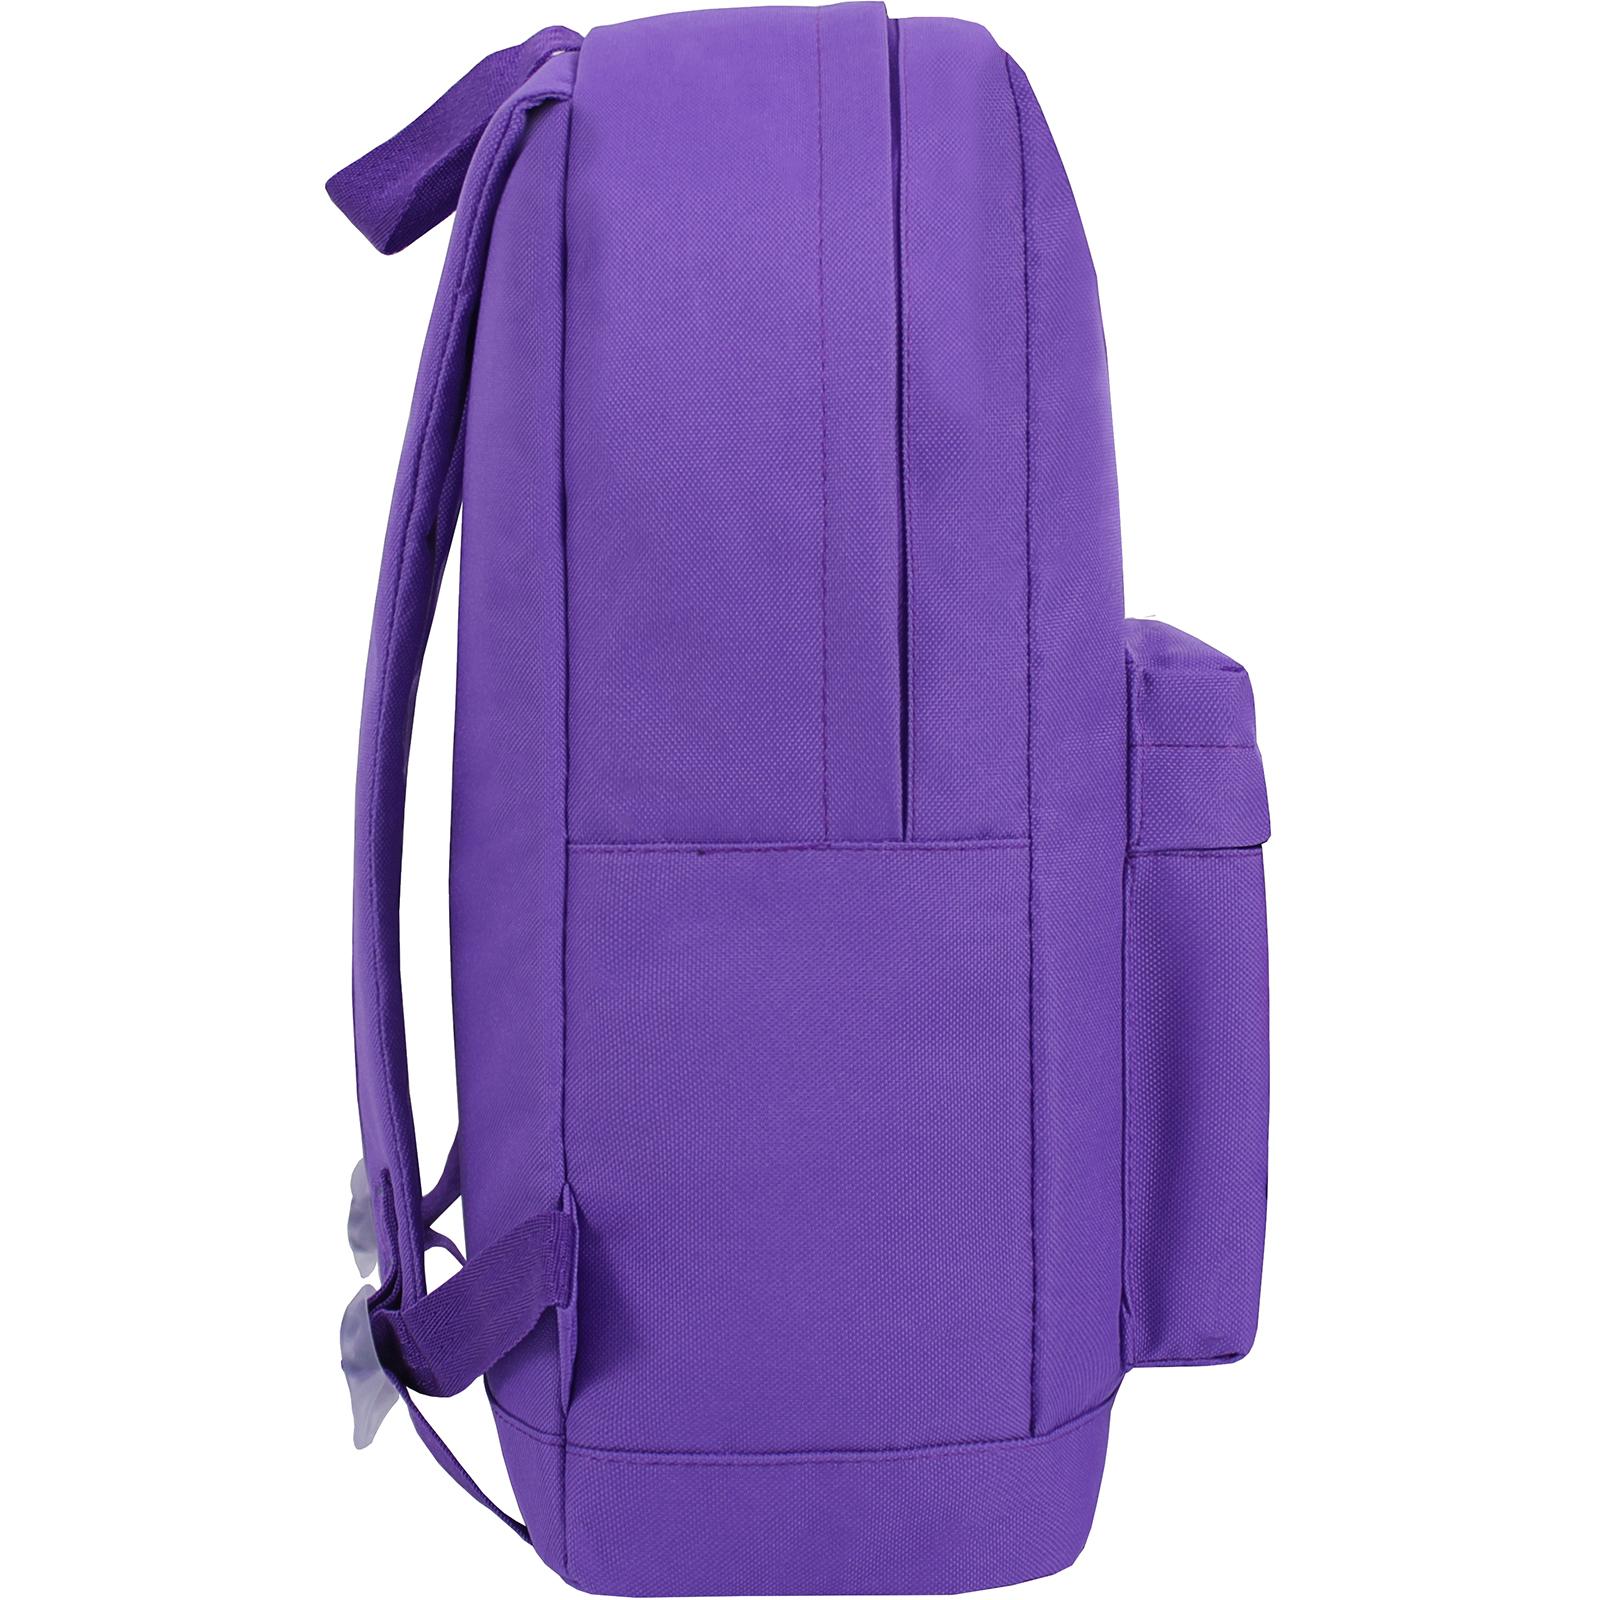 Рюкзак Bagland Молодежный W/R 17 л. фиолетовый 170 (00533662) фот 2